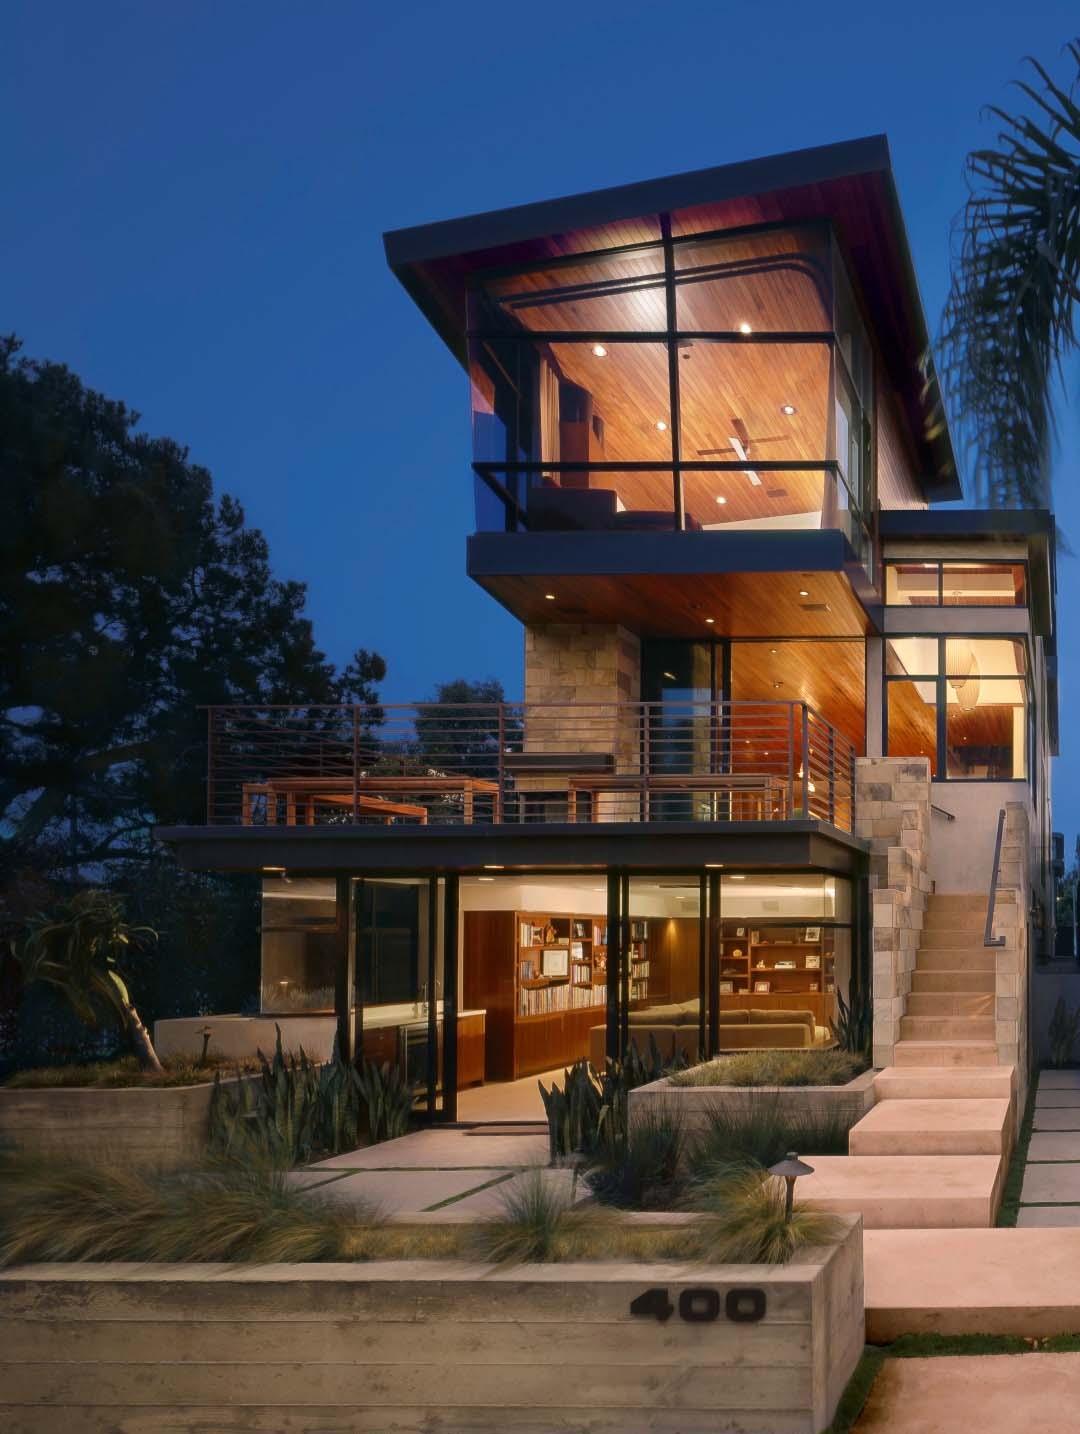 Modern Tree House Built Living Manhattan Beach